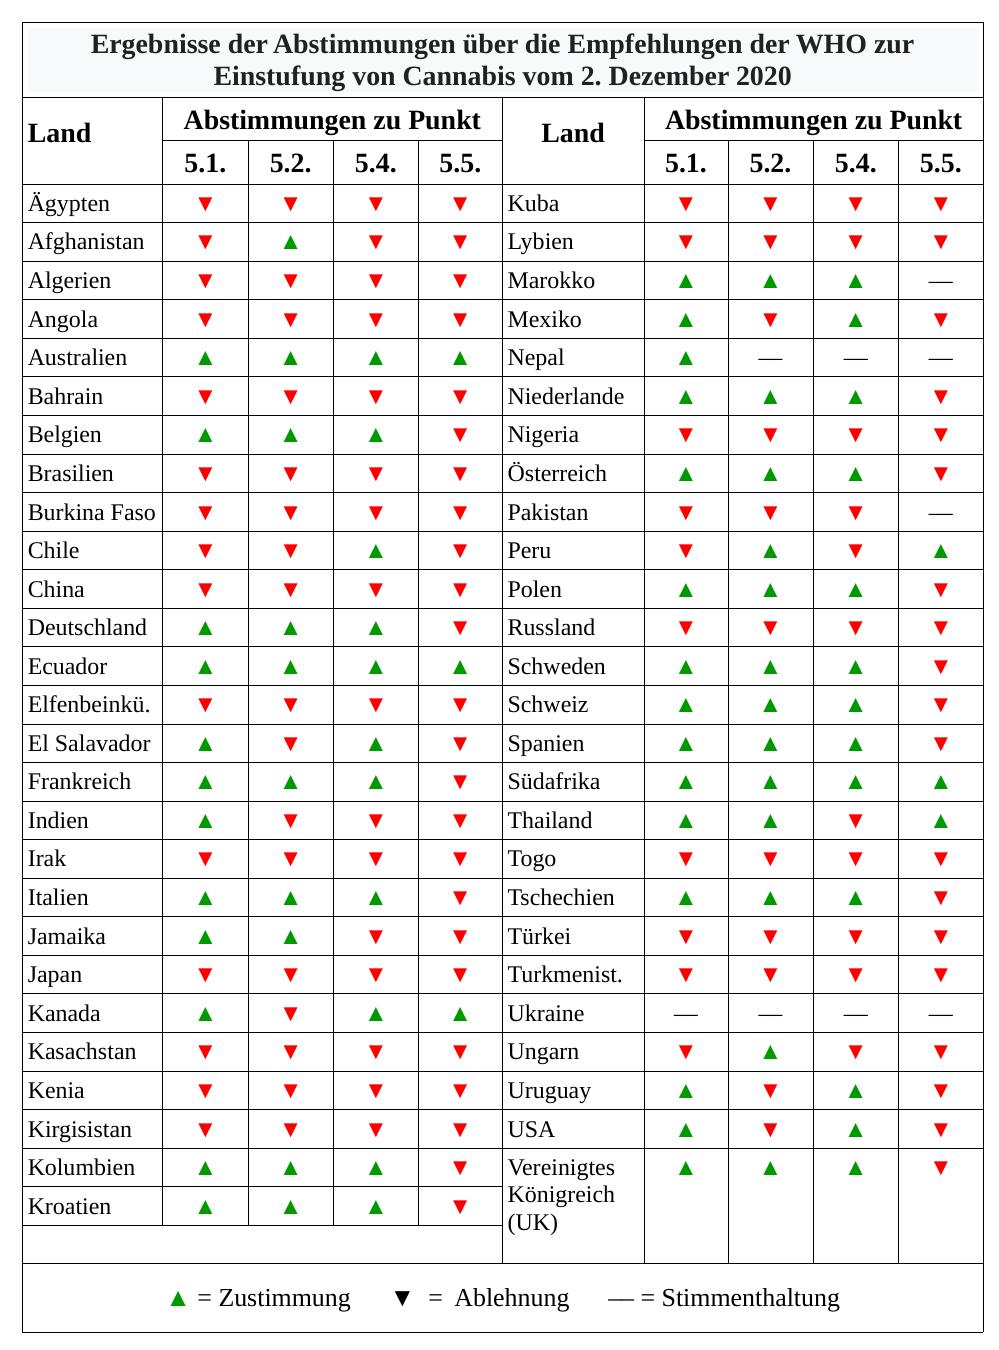 Ergebnisse der Abstimmungen über die Empfehlungen der WHO zur Einstufung von Cannabis vom 2. Dezember 2020. Datenquelle: Kenzi Riboulet-Zemouli and Michael Krawitz: CND-Monitor